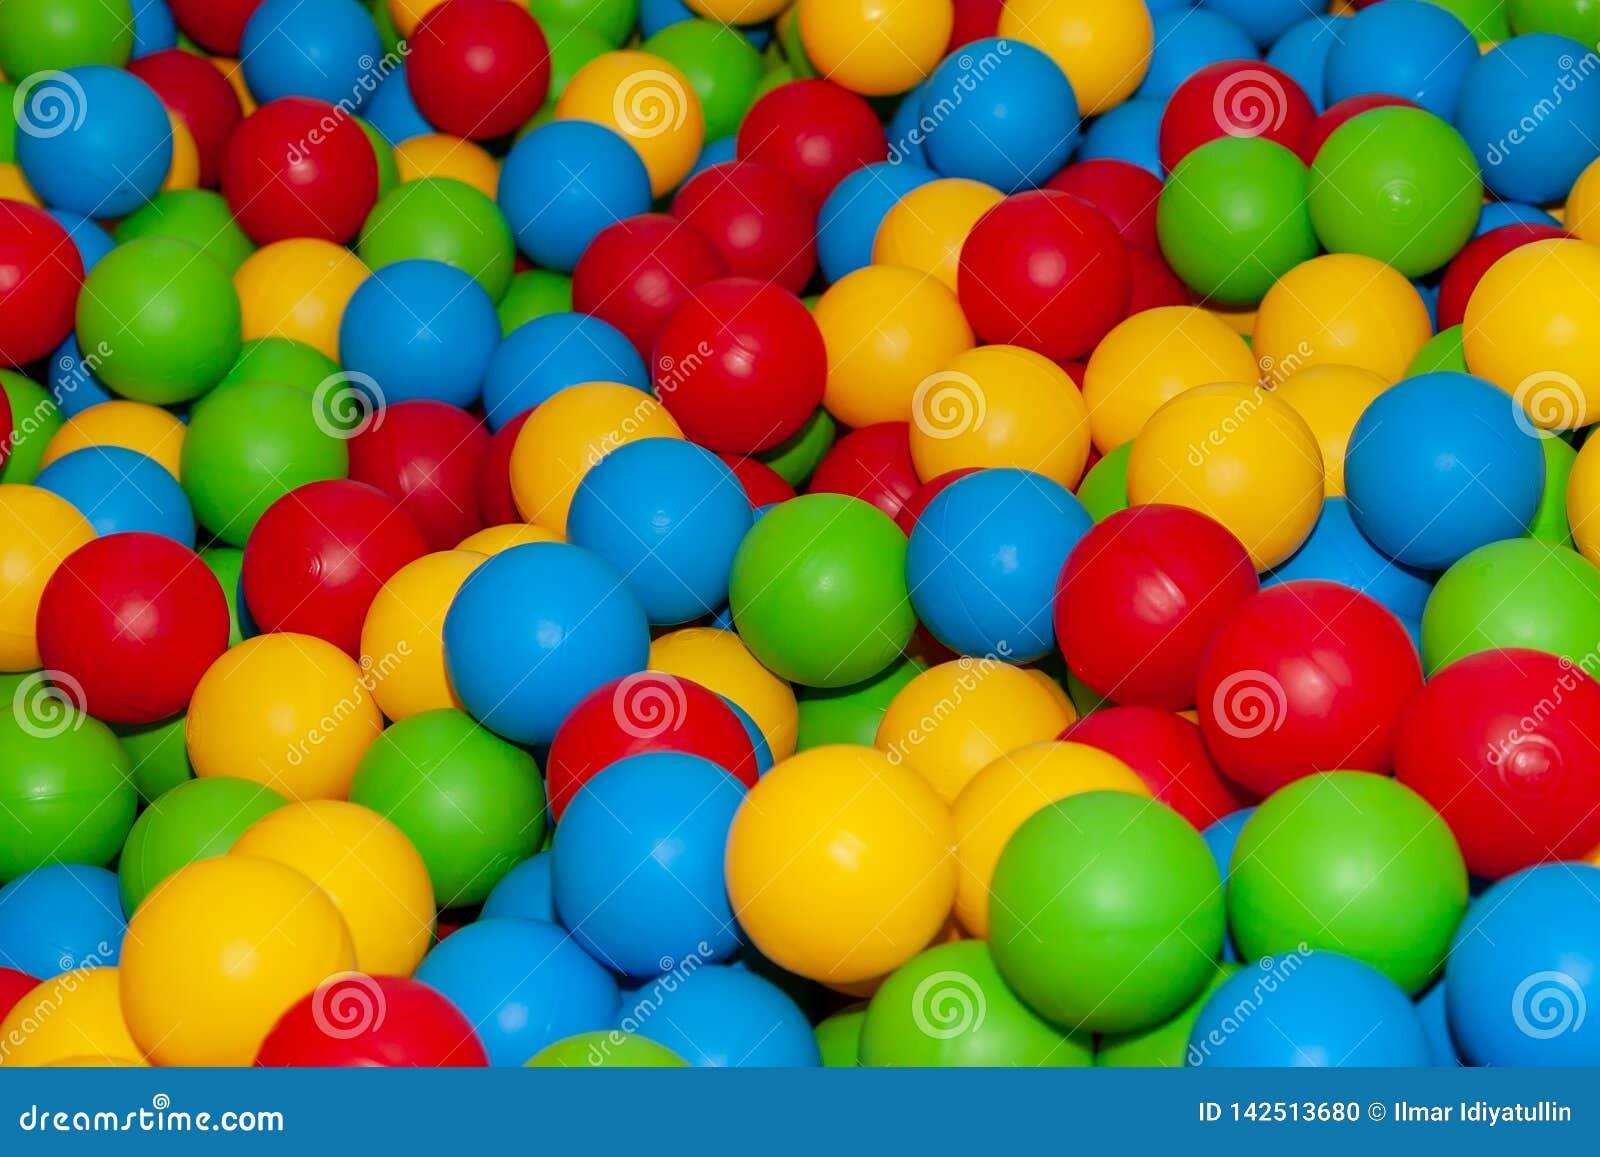 Achtergrond van vele gekleurde plastic ballen